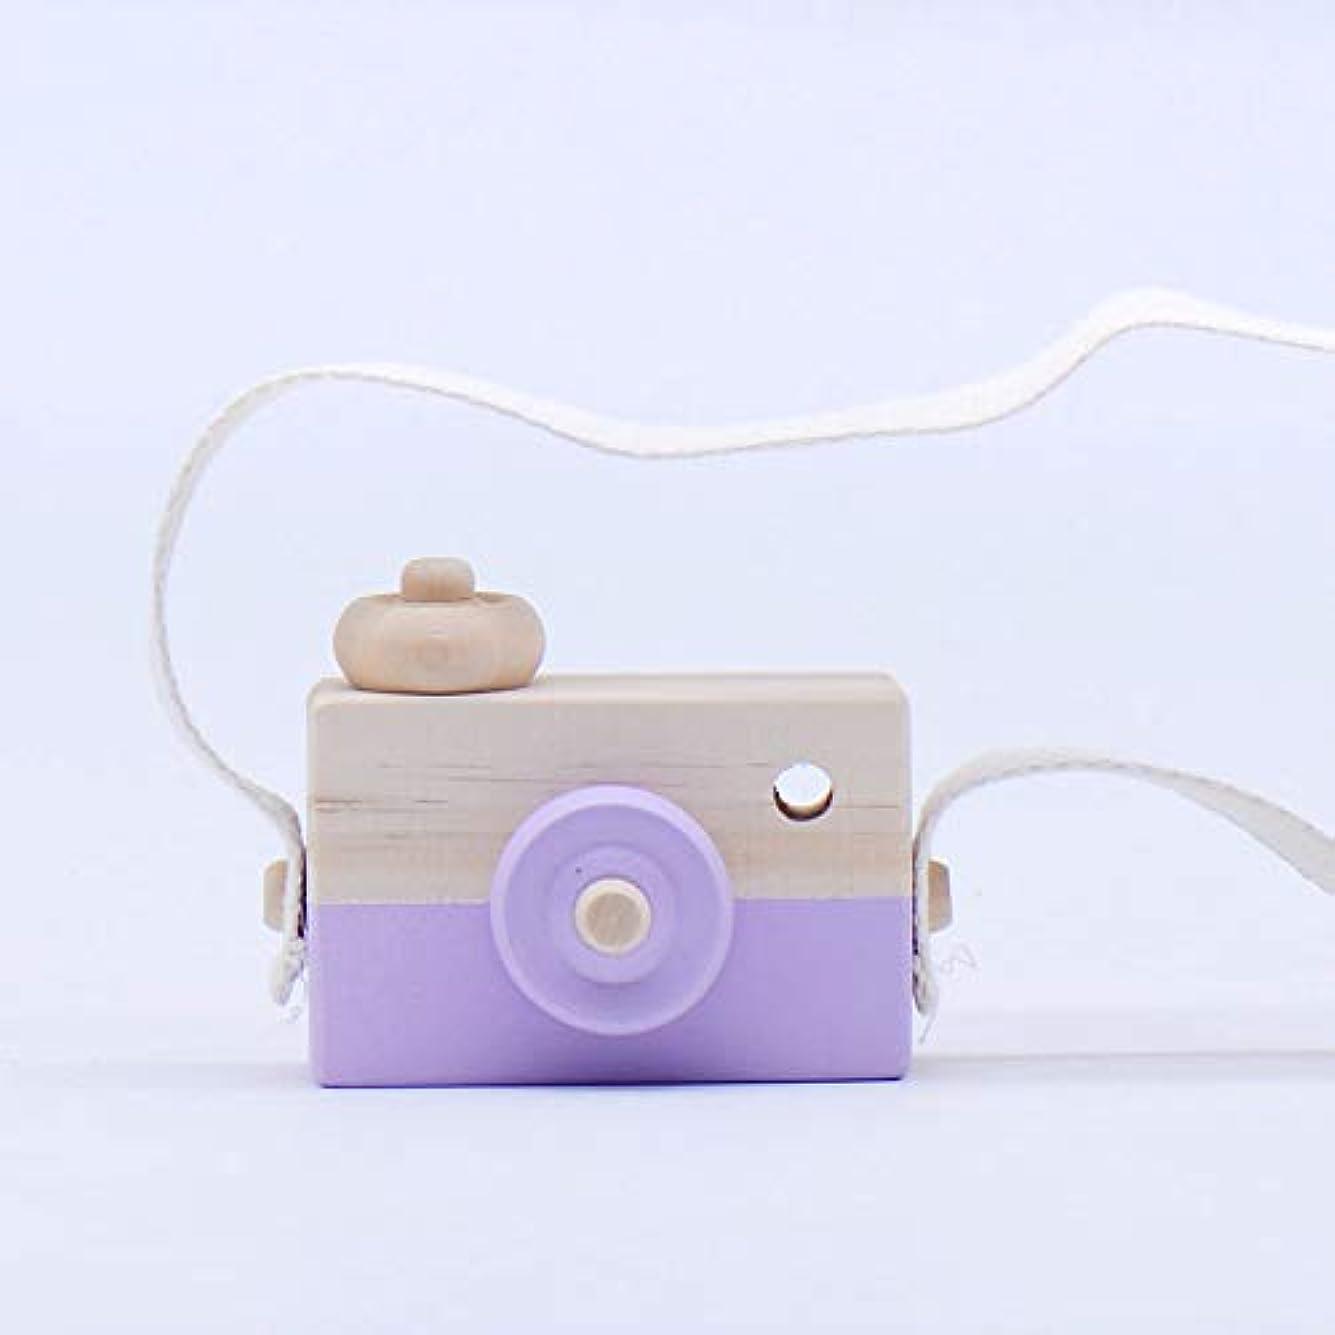 電報クレーター誠意ミニかわいい木製カメラのおもちゃ安全なナチュラル玩具ベビーキッズファッション服アクセサリー玩具誕生日クリスマスホリデーギフト (紫の)